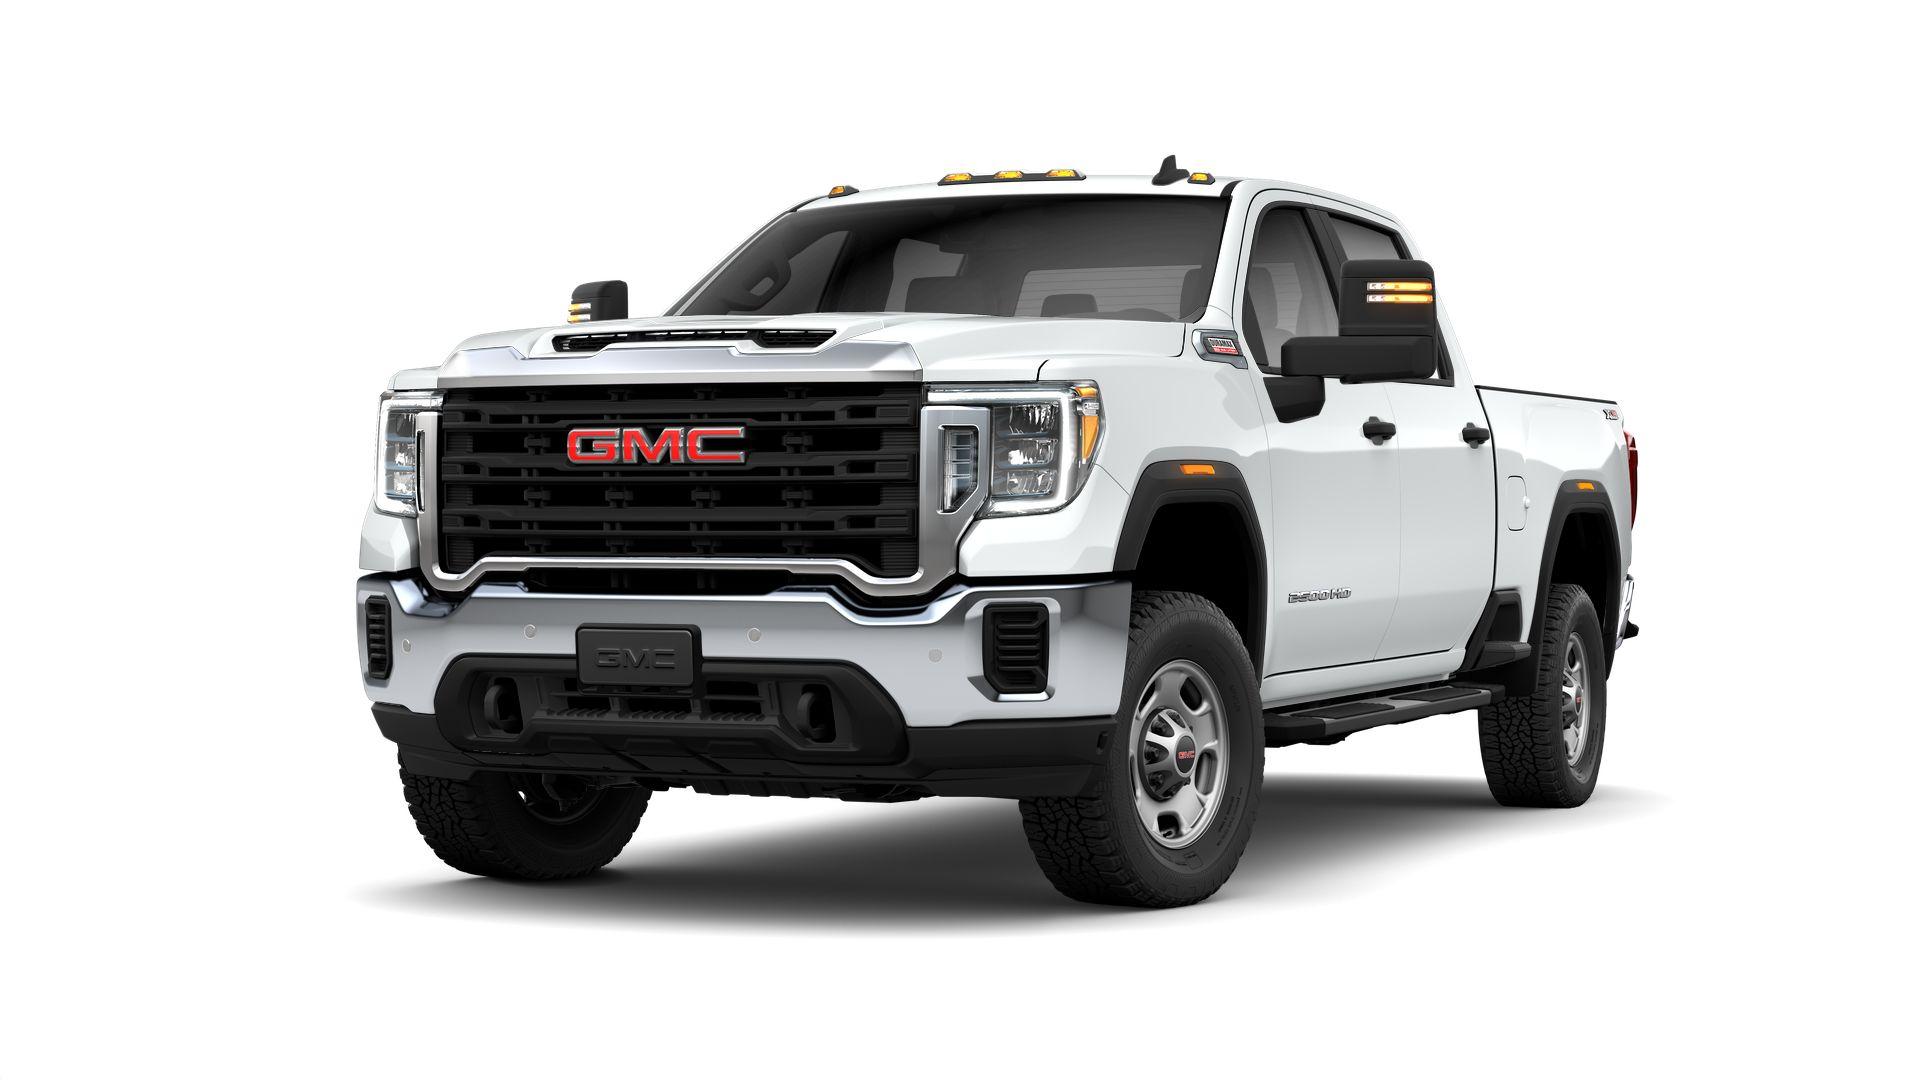 new 2021 gmc sierra 2500 hd sierra crew cab in athens #